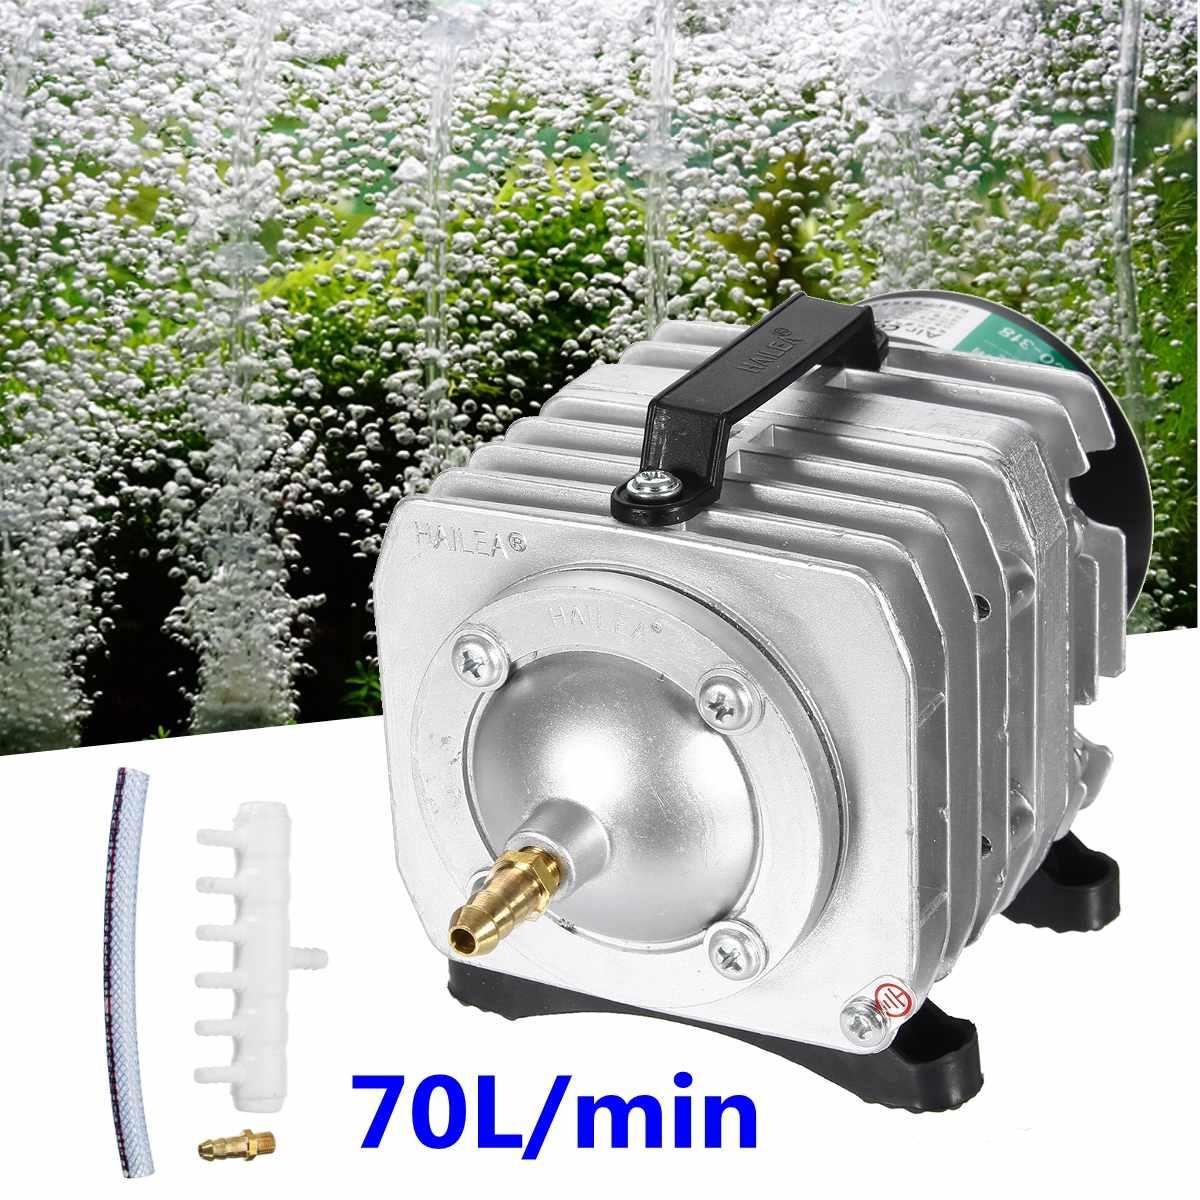 45W 220V 70L/min Eletromagnética Compressor de Ar Bomba de Oxigênio Aquarium Fish Pond Aerador Bomba Compressor de Ar Hidropônico ACO-318